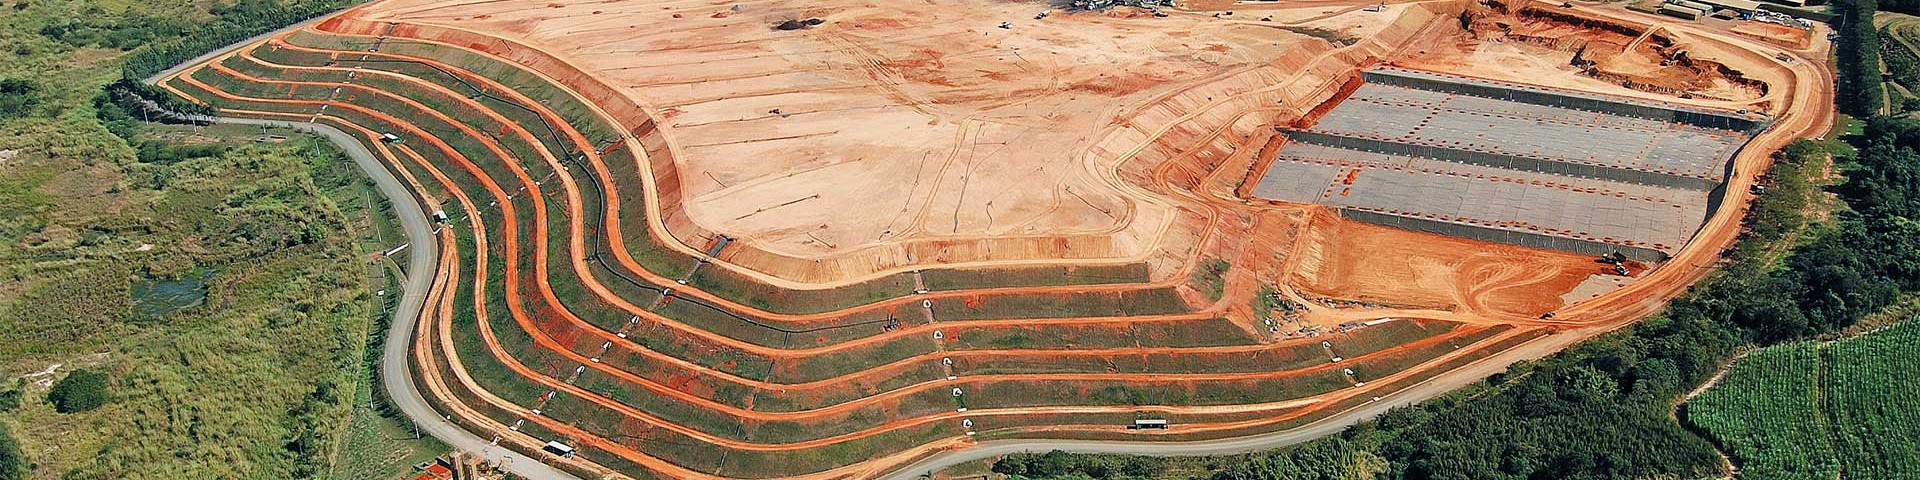 http://ambientalplanengenharia.com.br/wp-content/uploads/2013/11/testeira-planejamento-ambiental1-1920x480.jpg